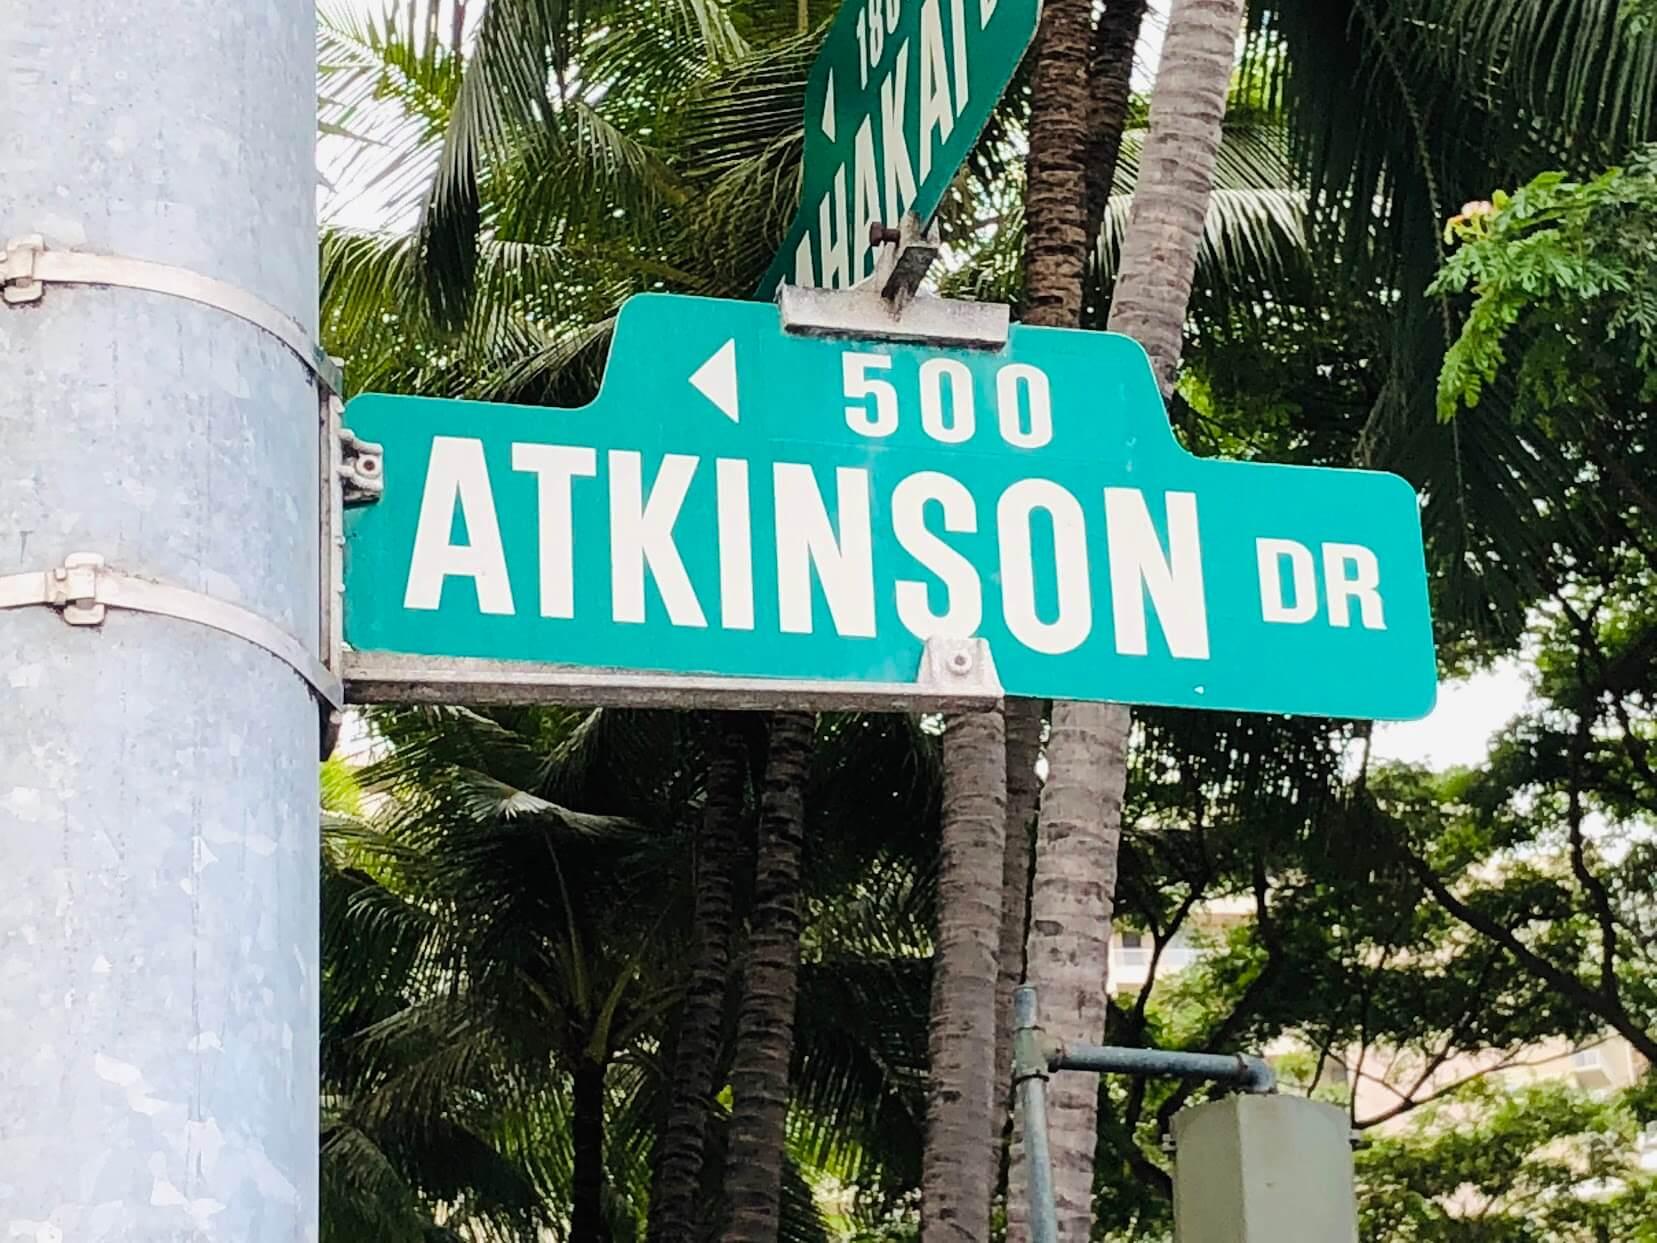 Atkinson Plazaの案内標識